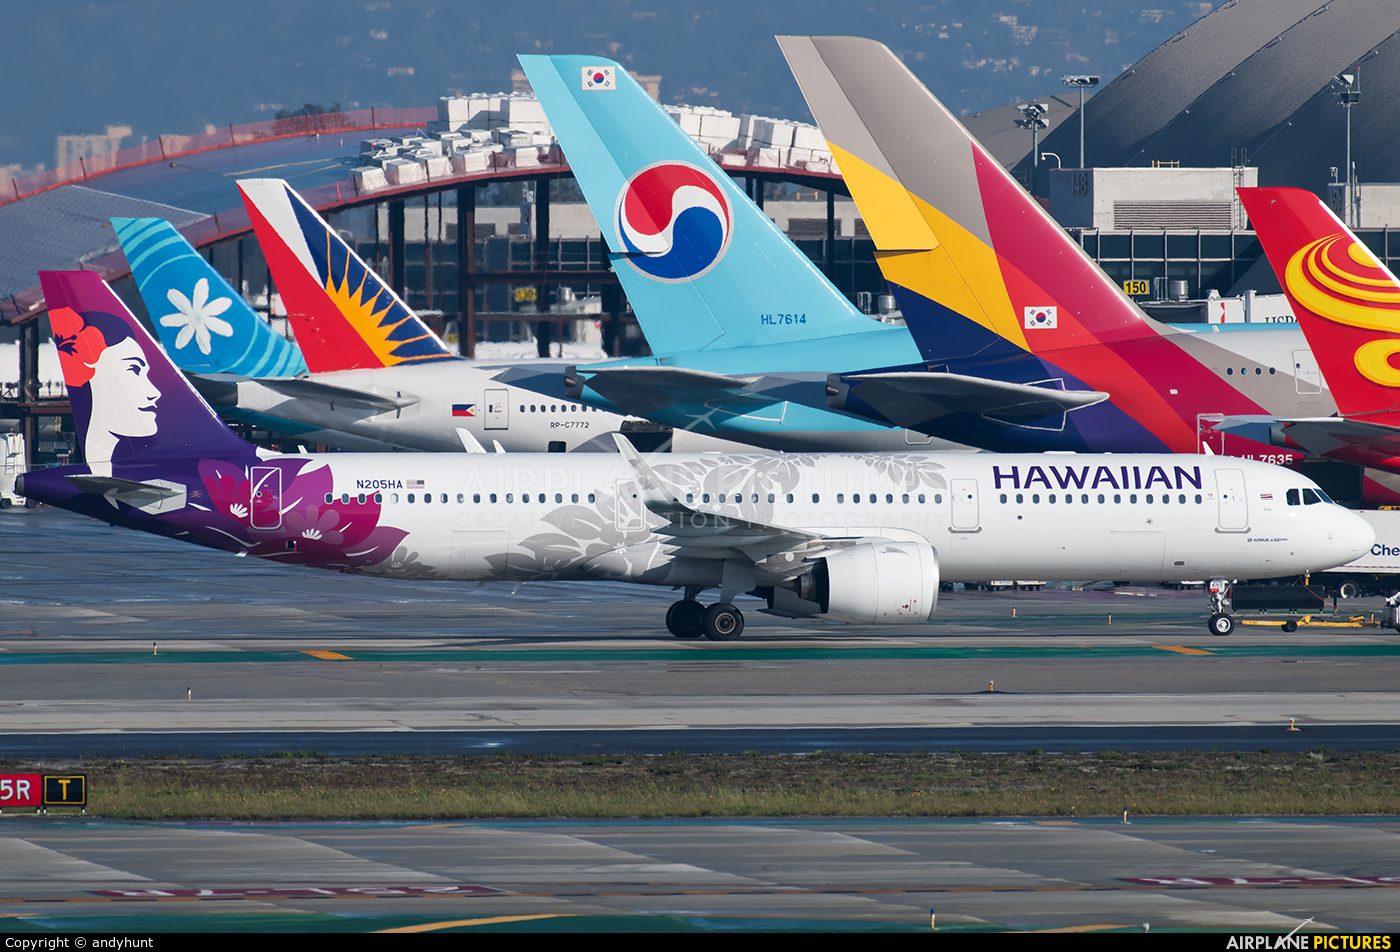 Hawaiian Airlines N205HA aircraft at Los Angeles Intl